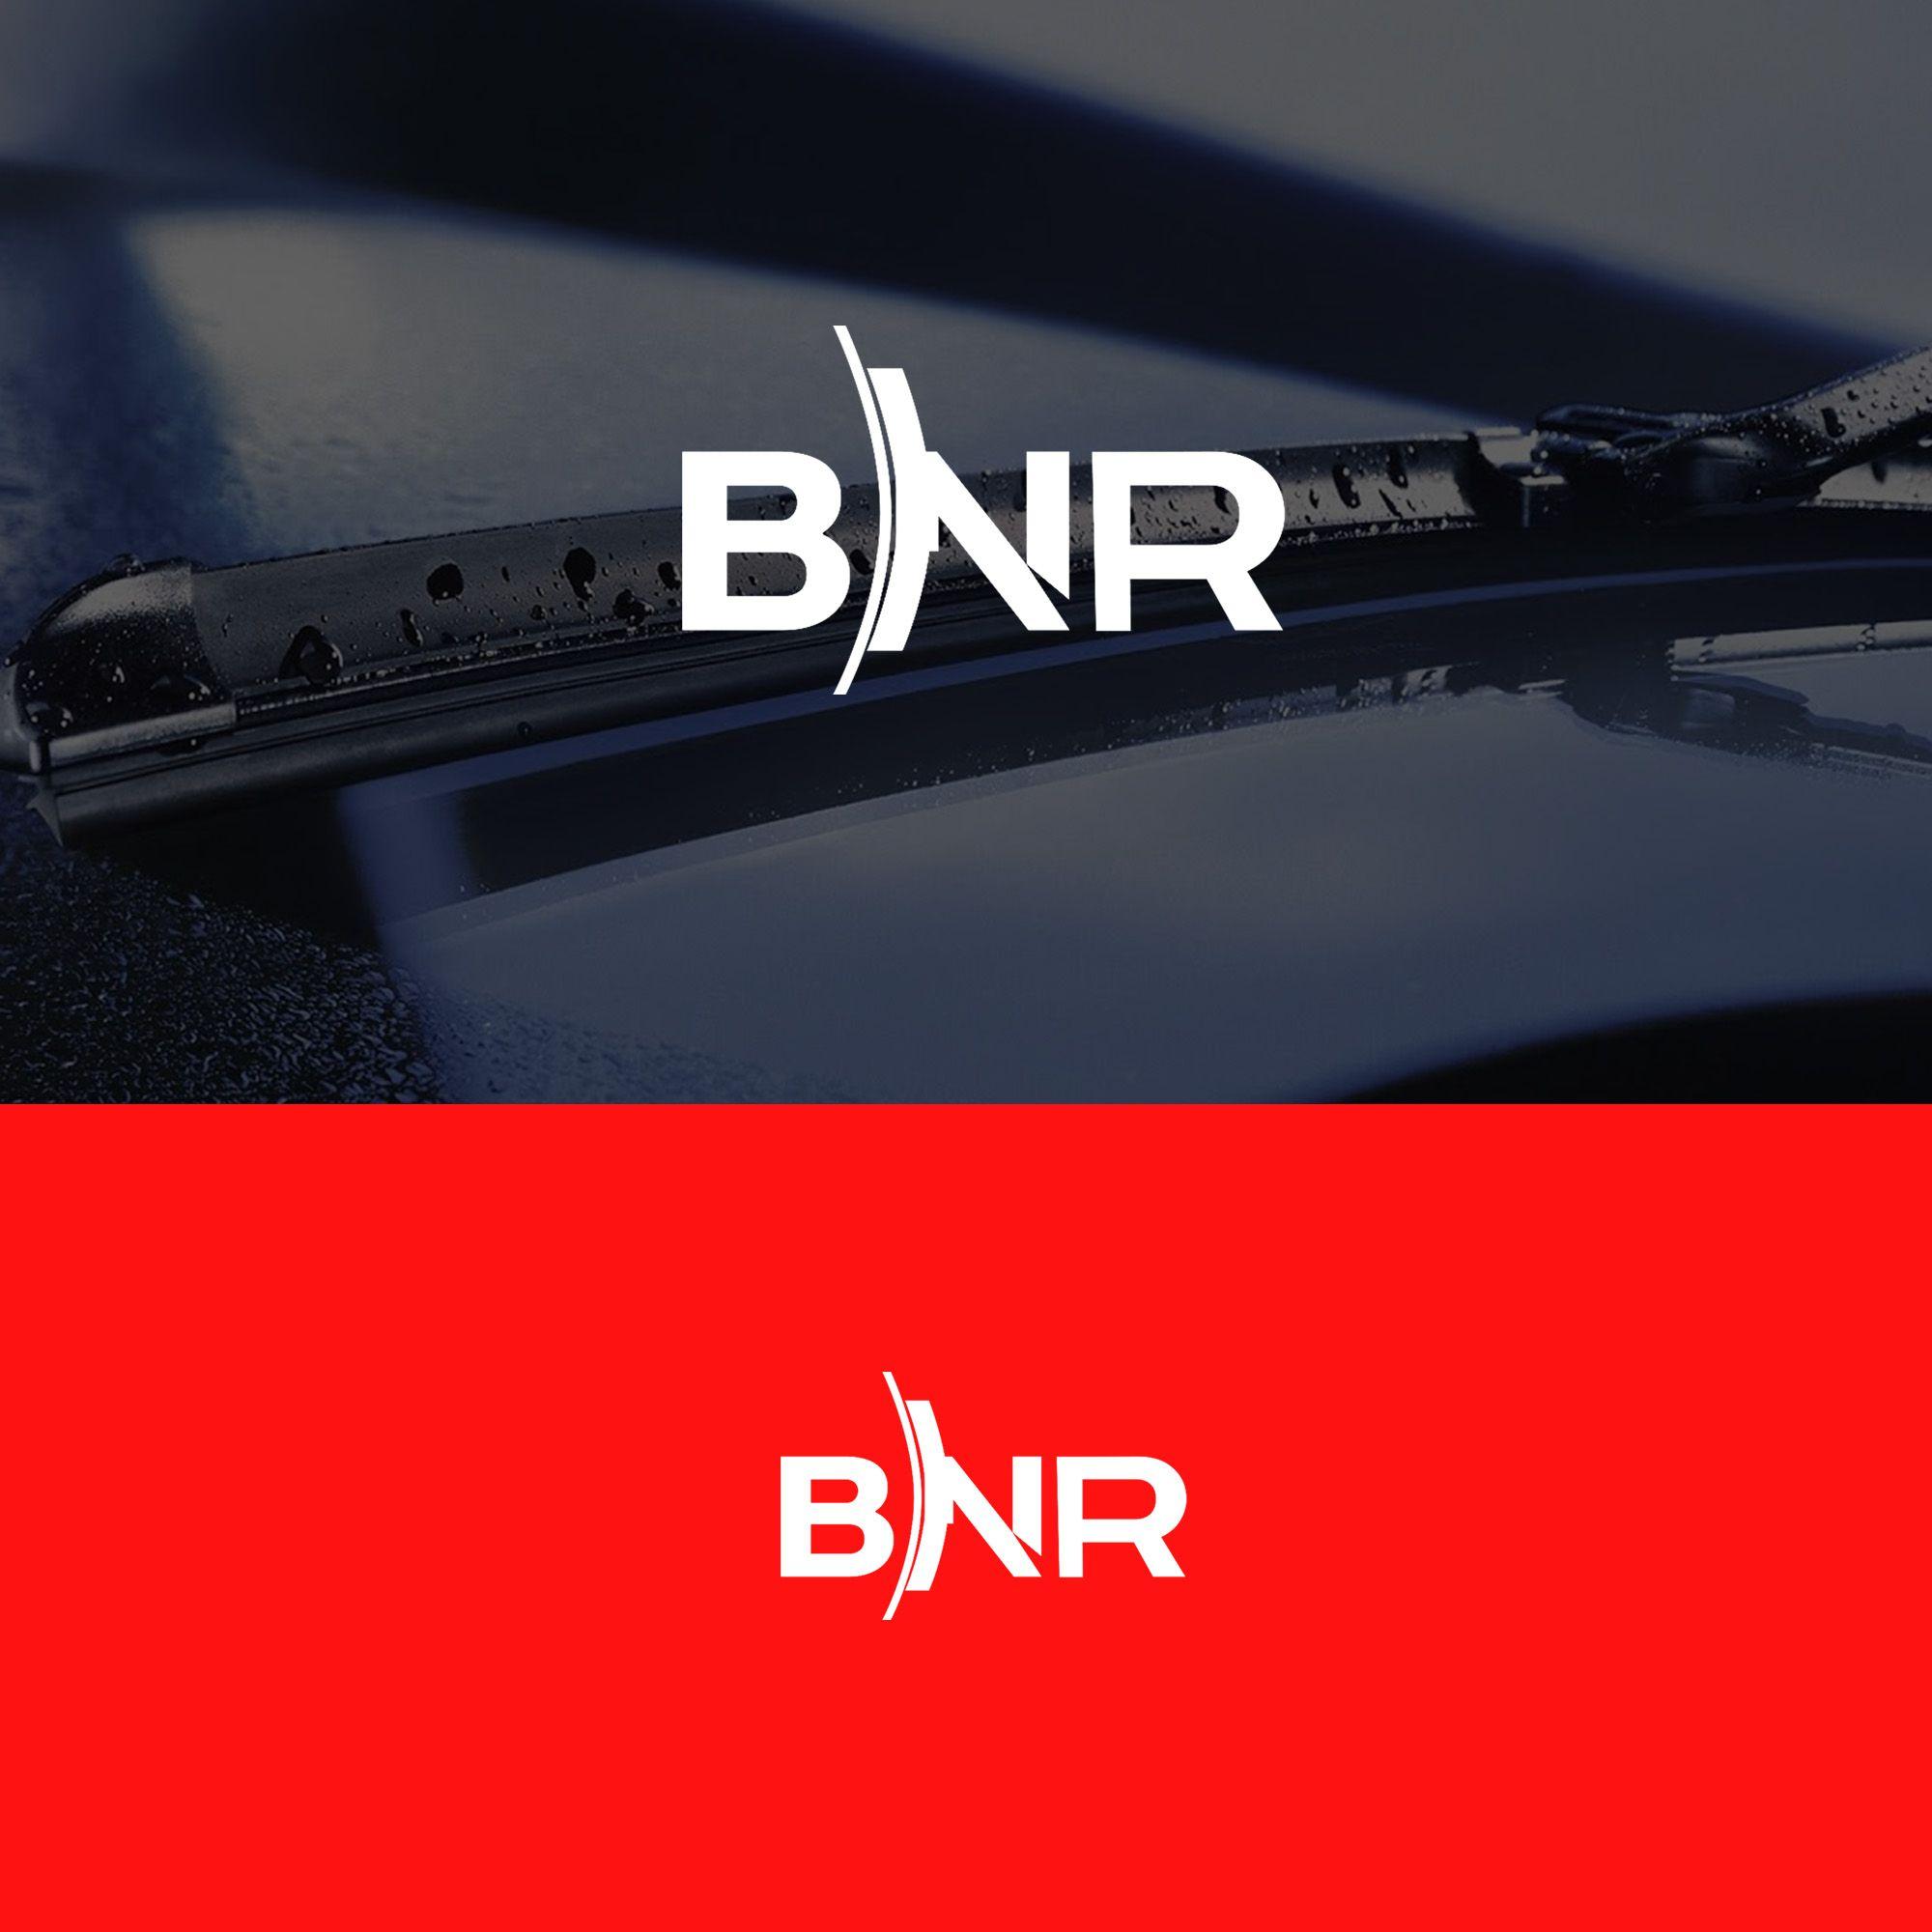 Логотип для Логотип BNR - дизайнер weste32